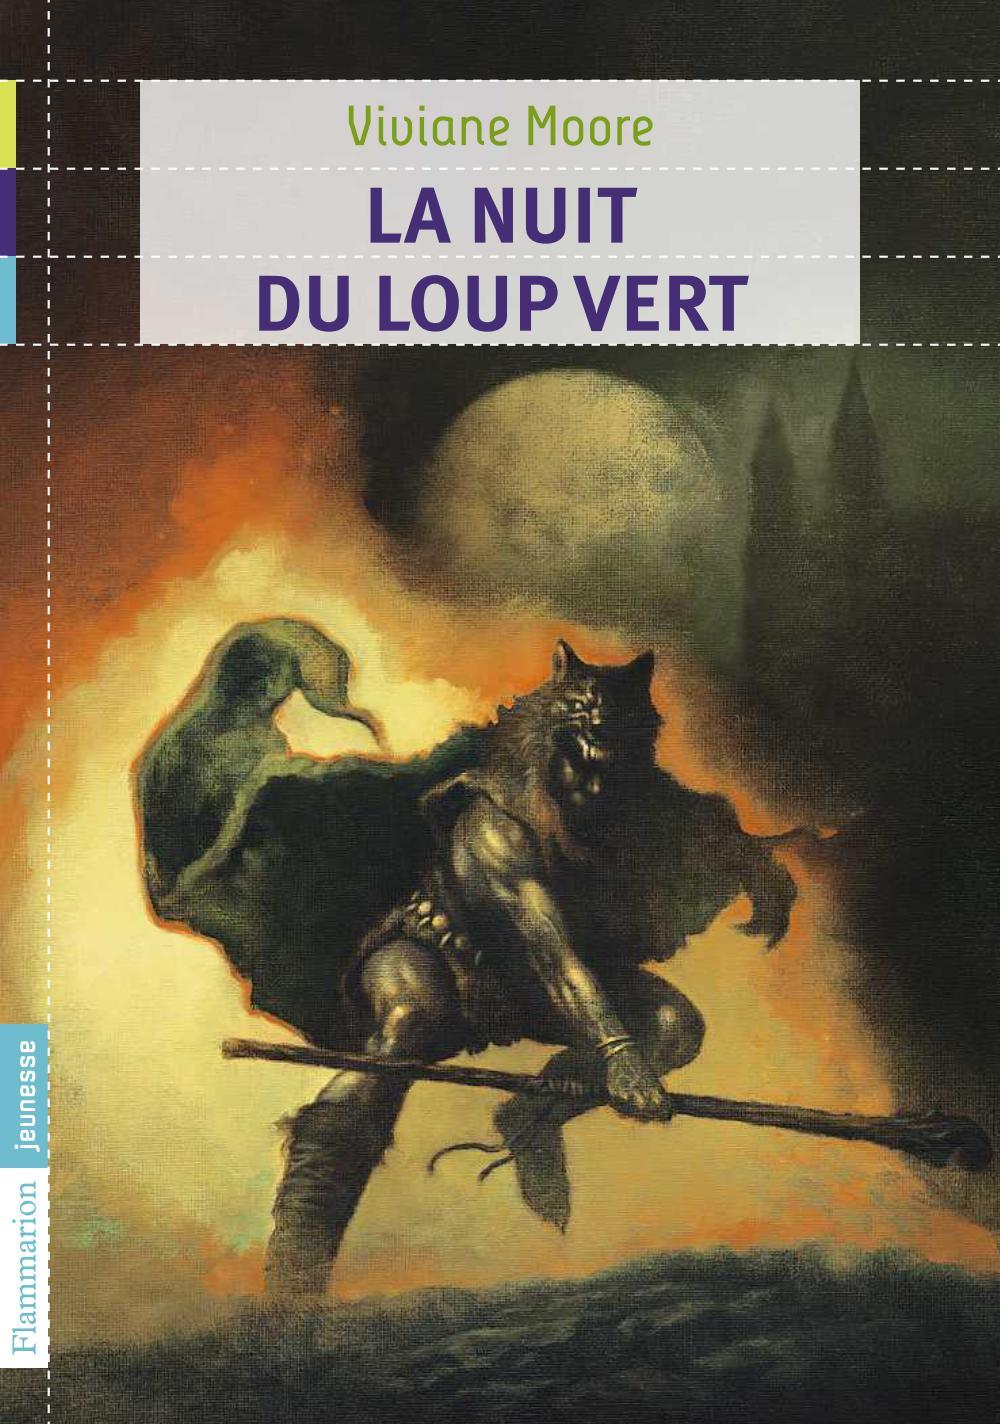 Au temps noir des fléaux (Tome 2) - La nuit du loup vert | Moore, Viviane (1960-....). Auteur